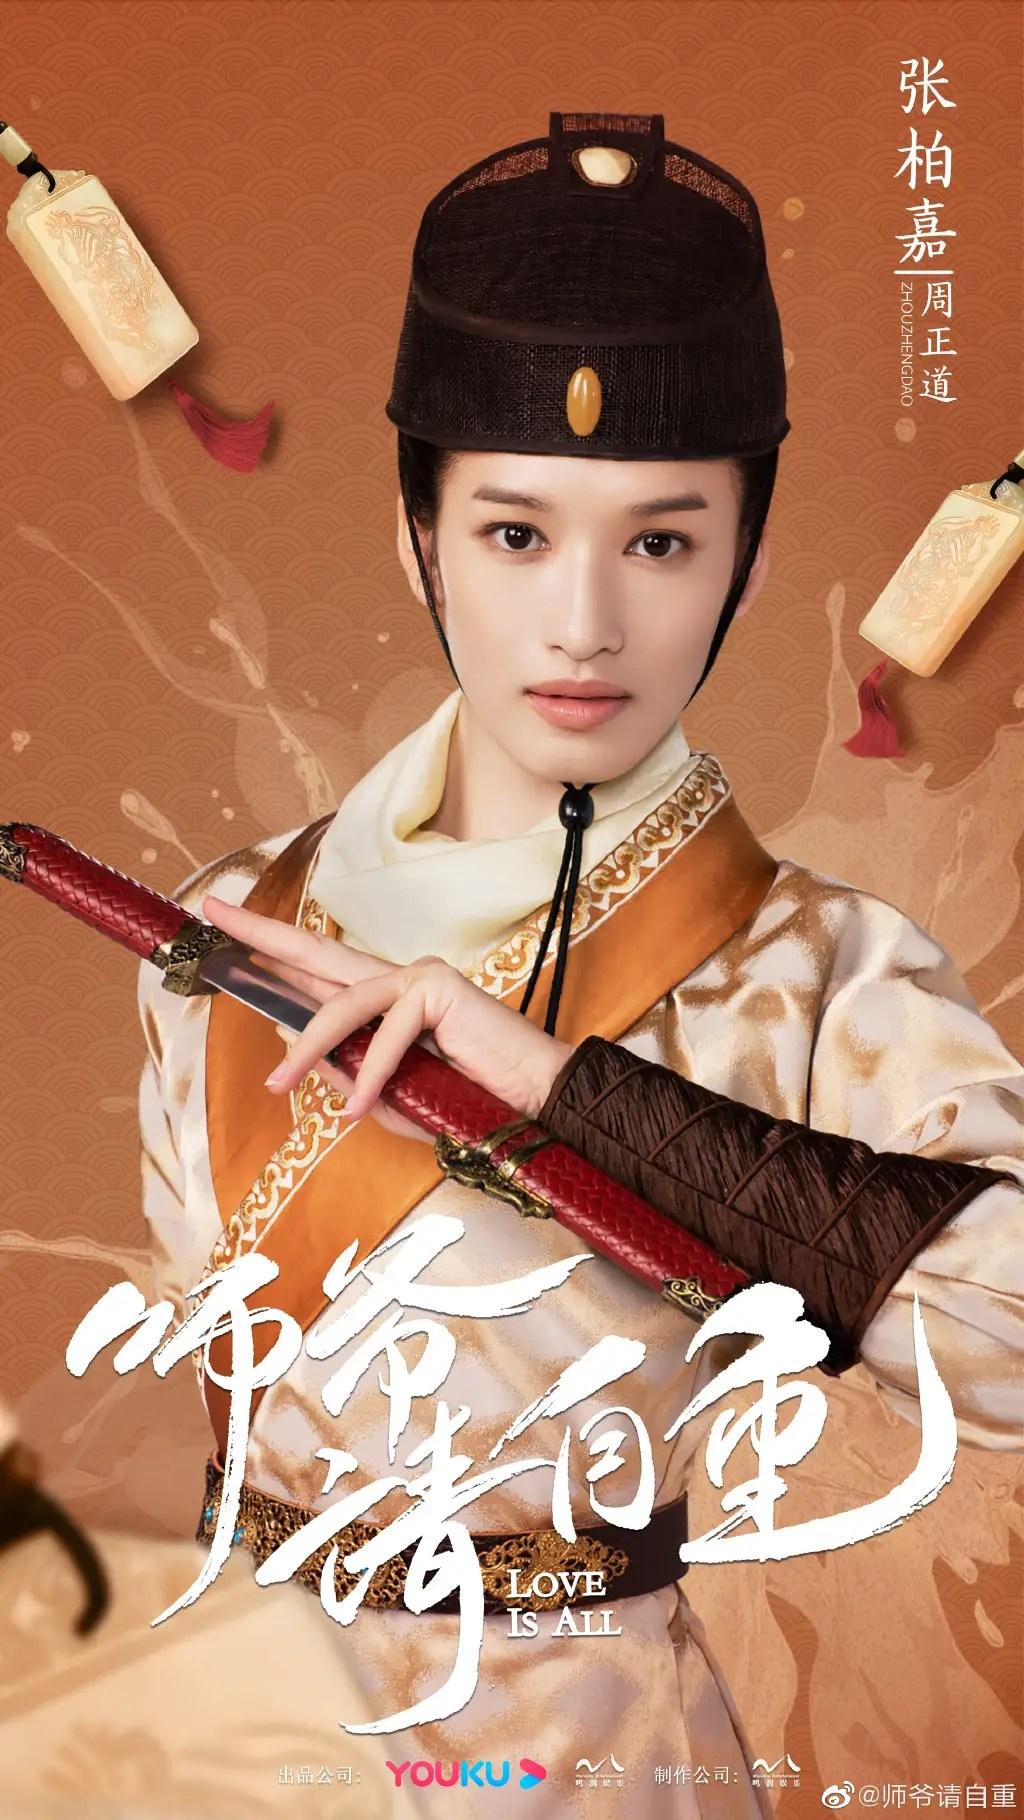 Zhang Bai Jia